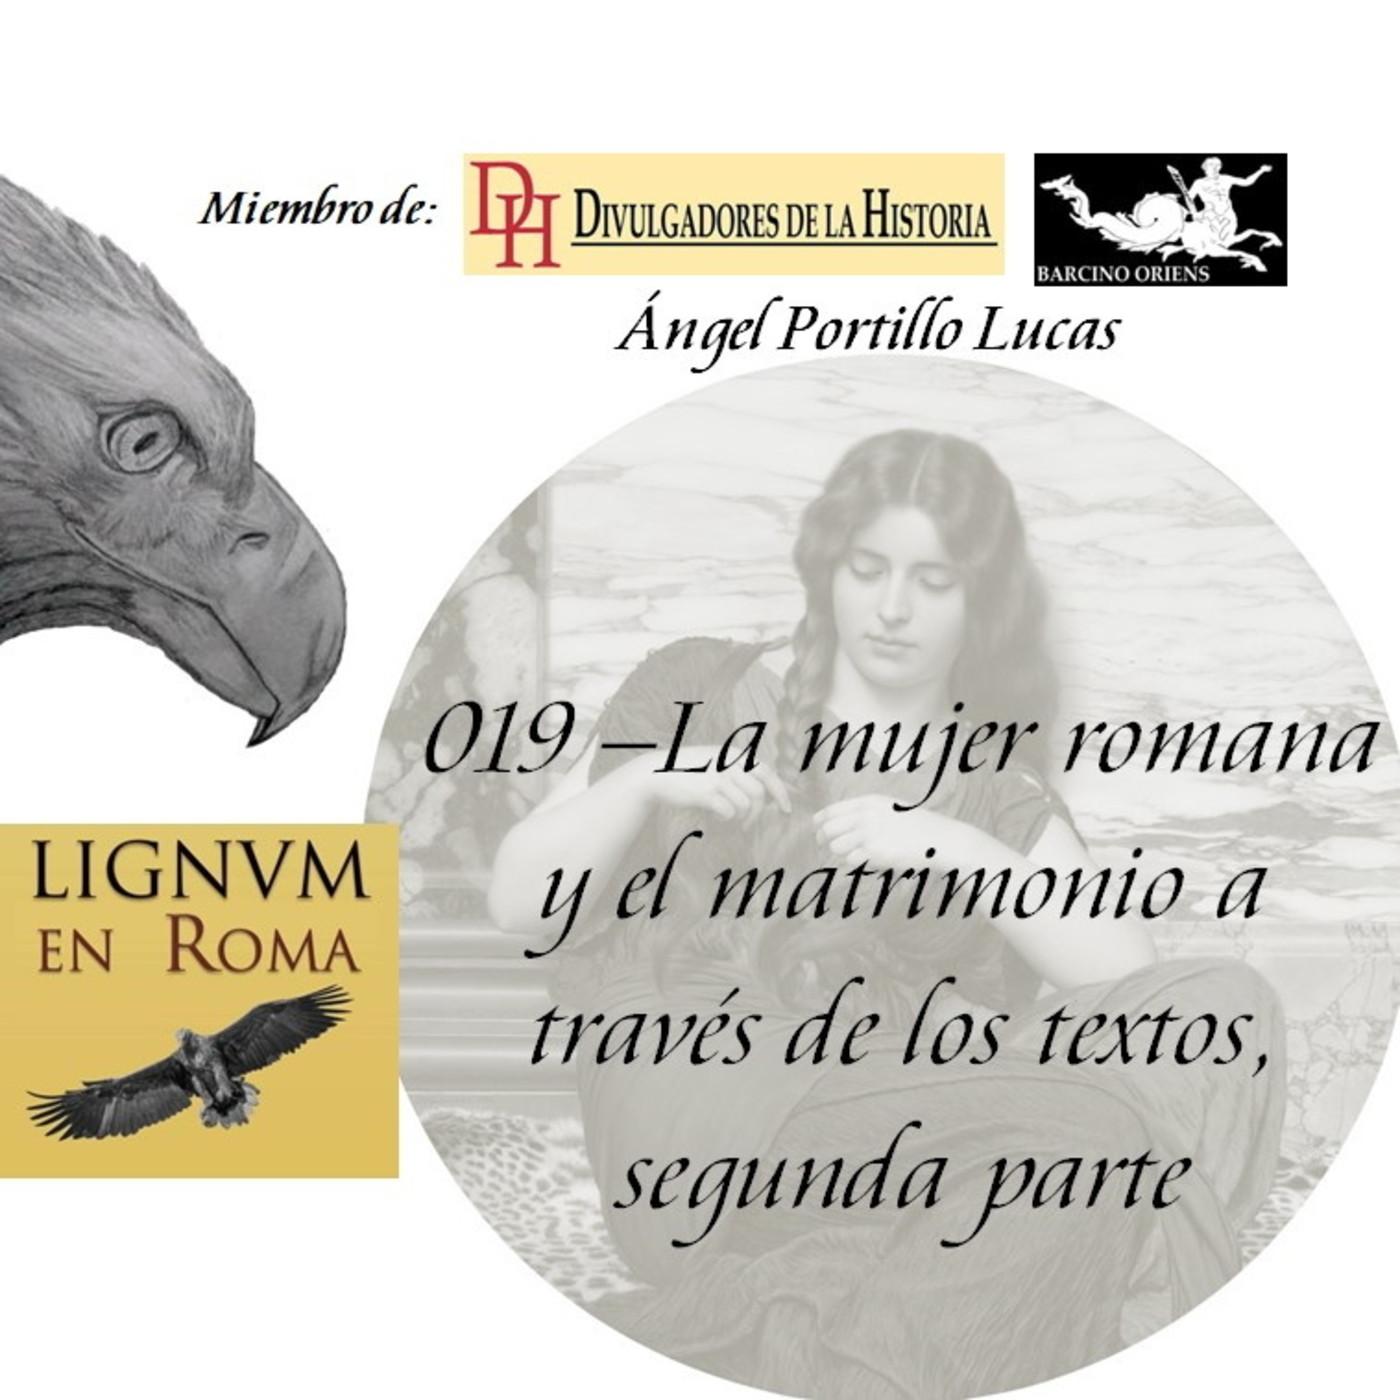 019 — La mujer romana y el matrimonio a través de los textos, segunda parte